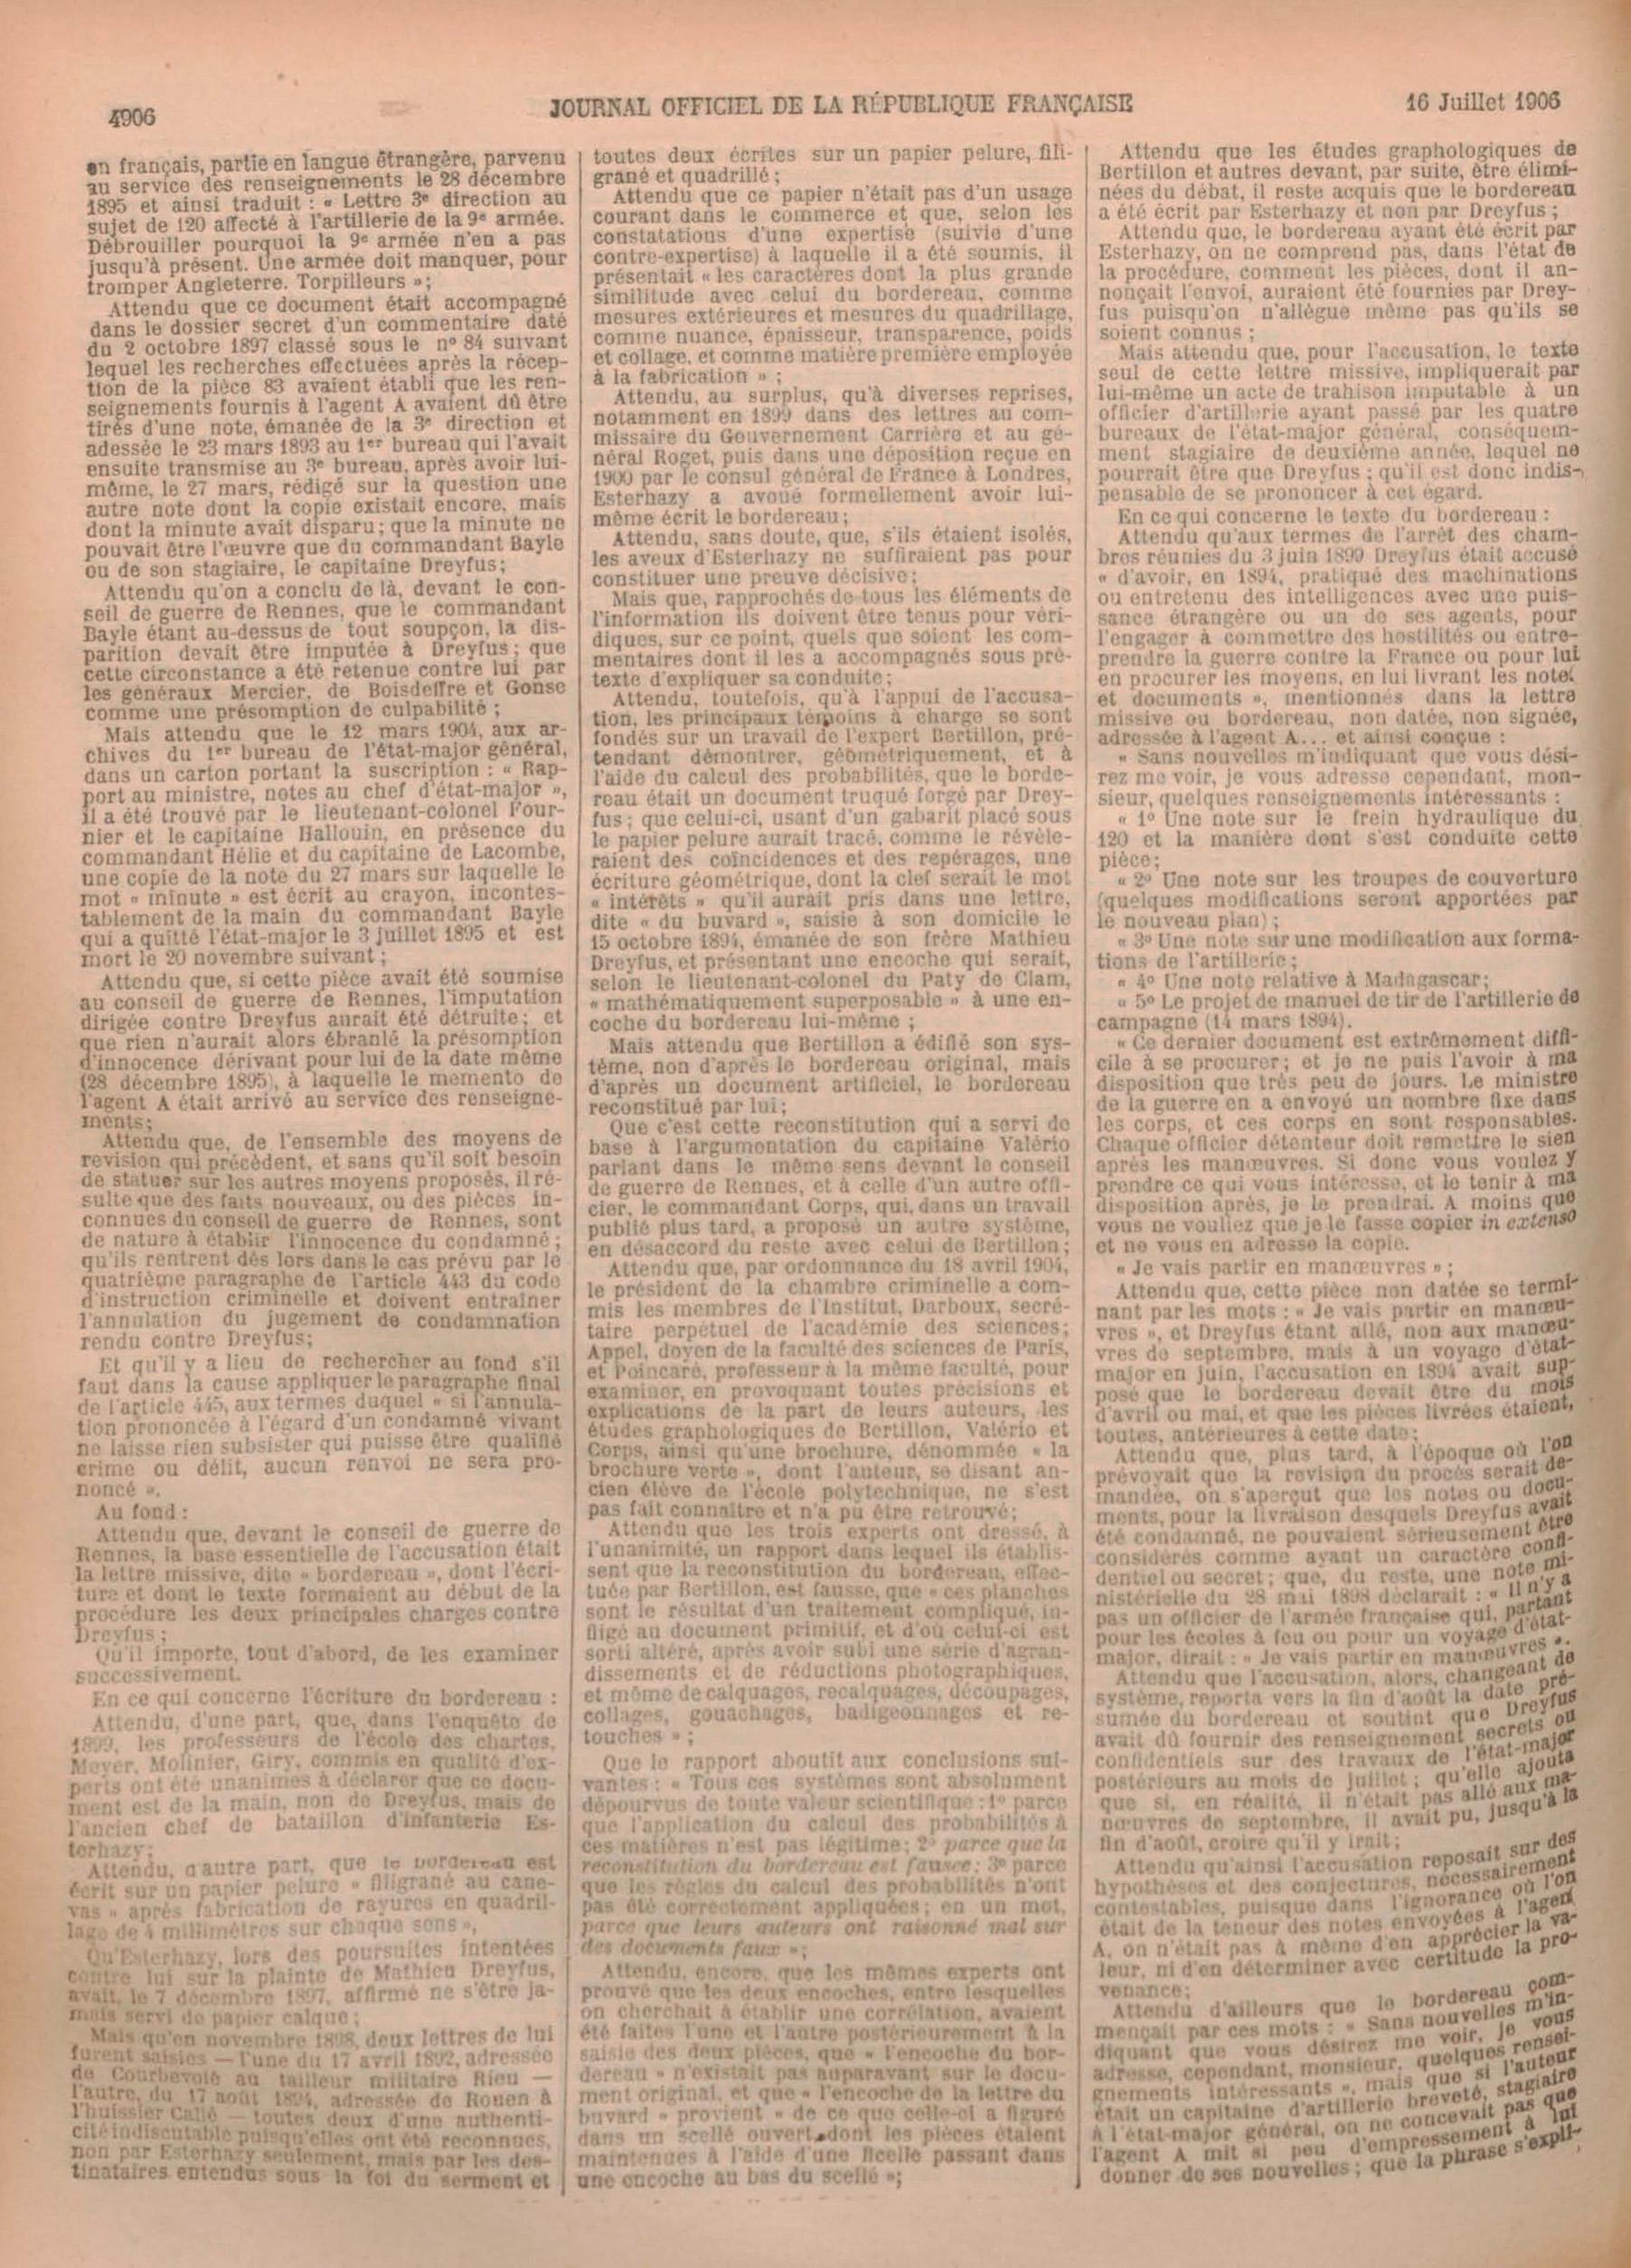 http://expo-paulviollet.univ-paris1.fr/wp-content/uploads/2017/09/Journal_officiel_de_la_République_minutes-cour-de-cass-12-juillet-1906_Page_3.jpg